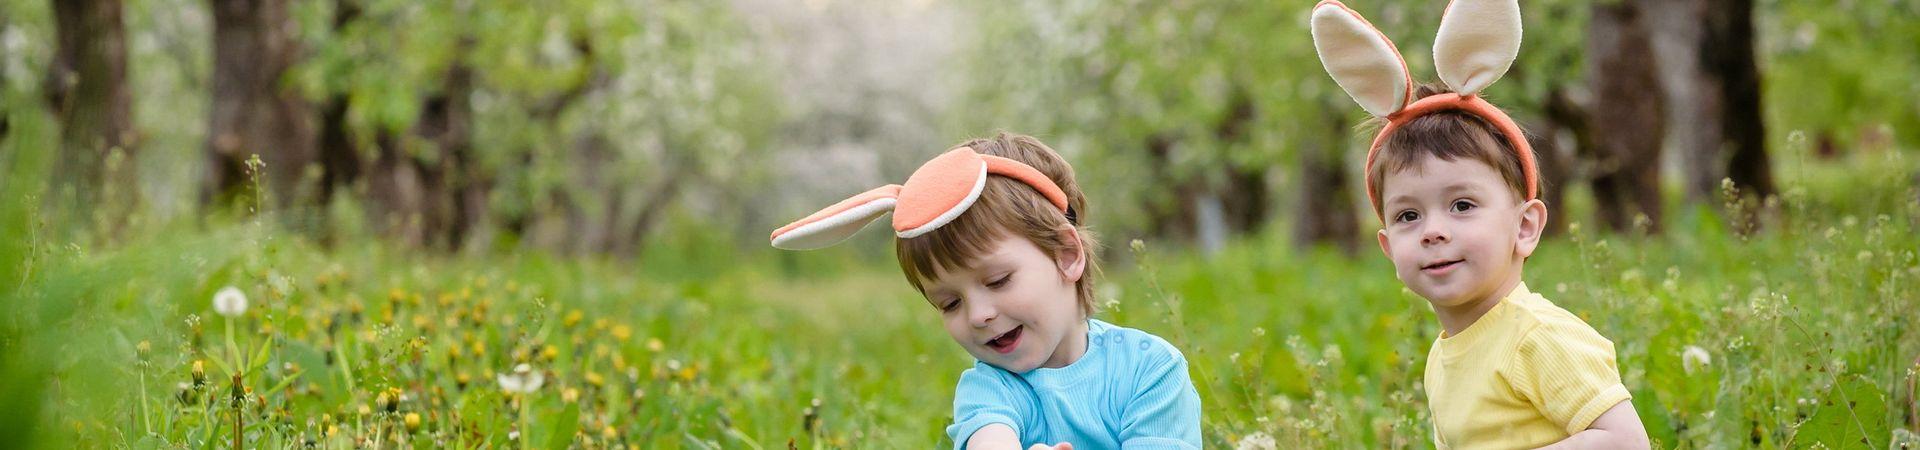 Familienurlaub über Ostern